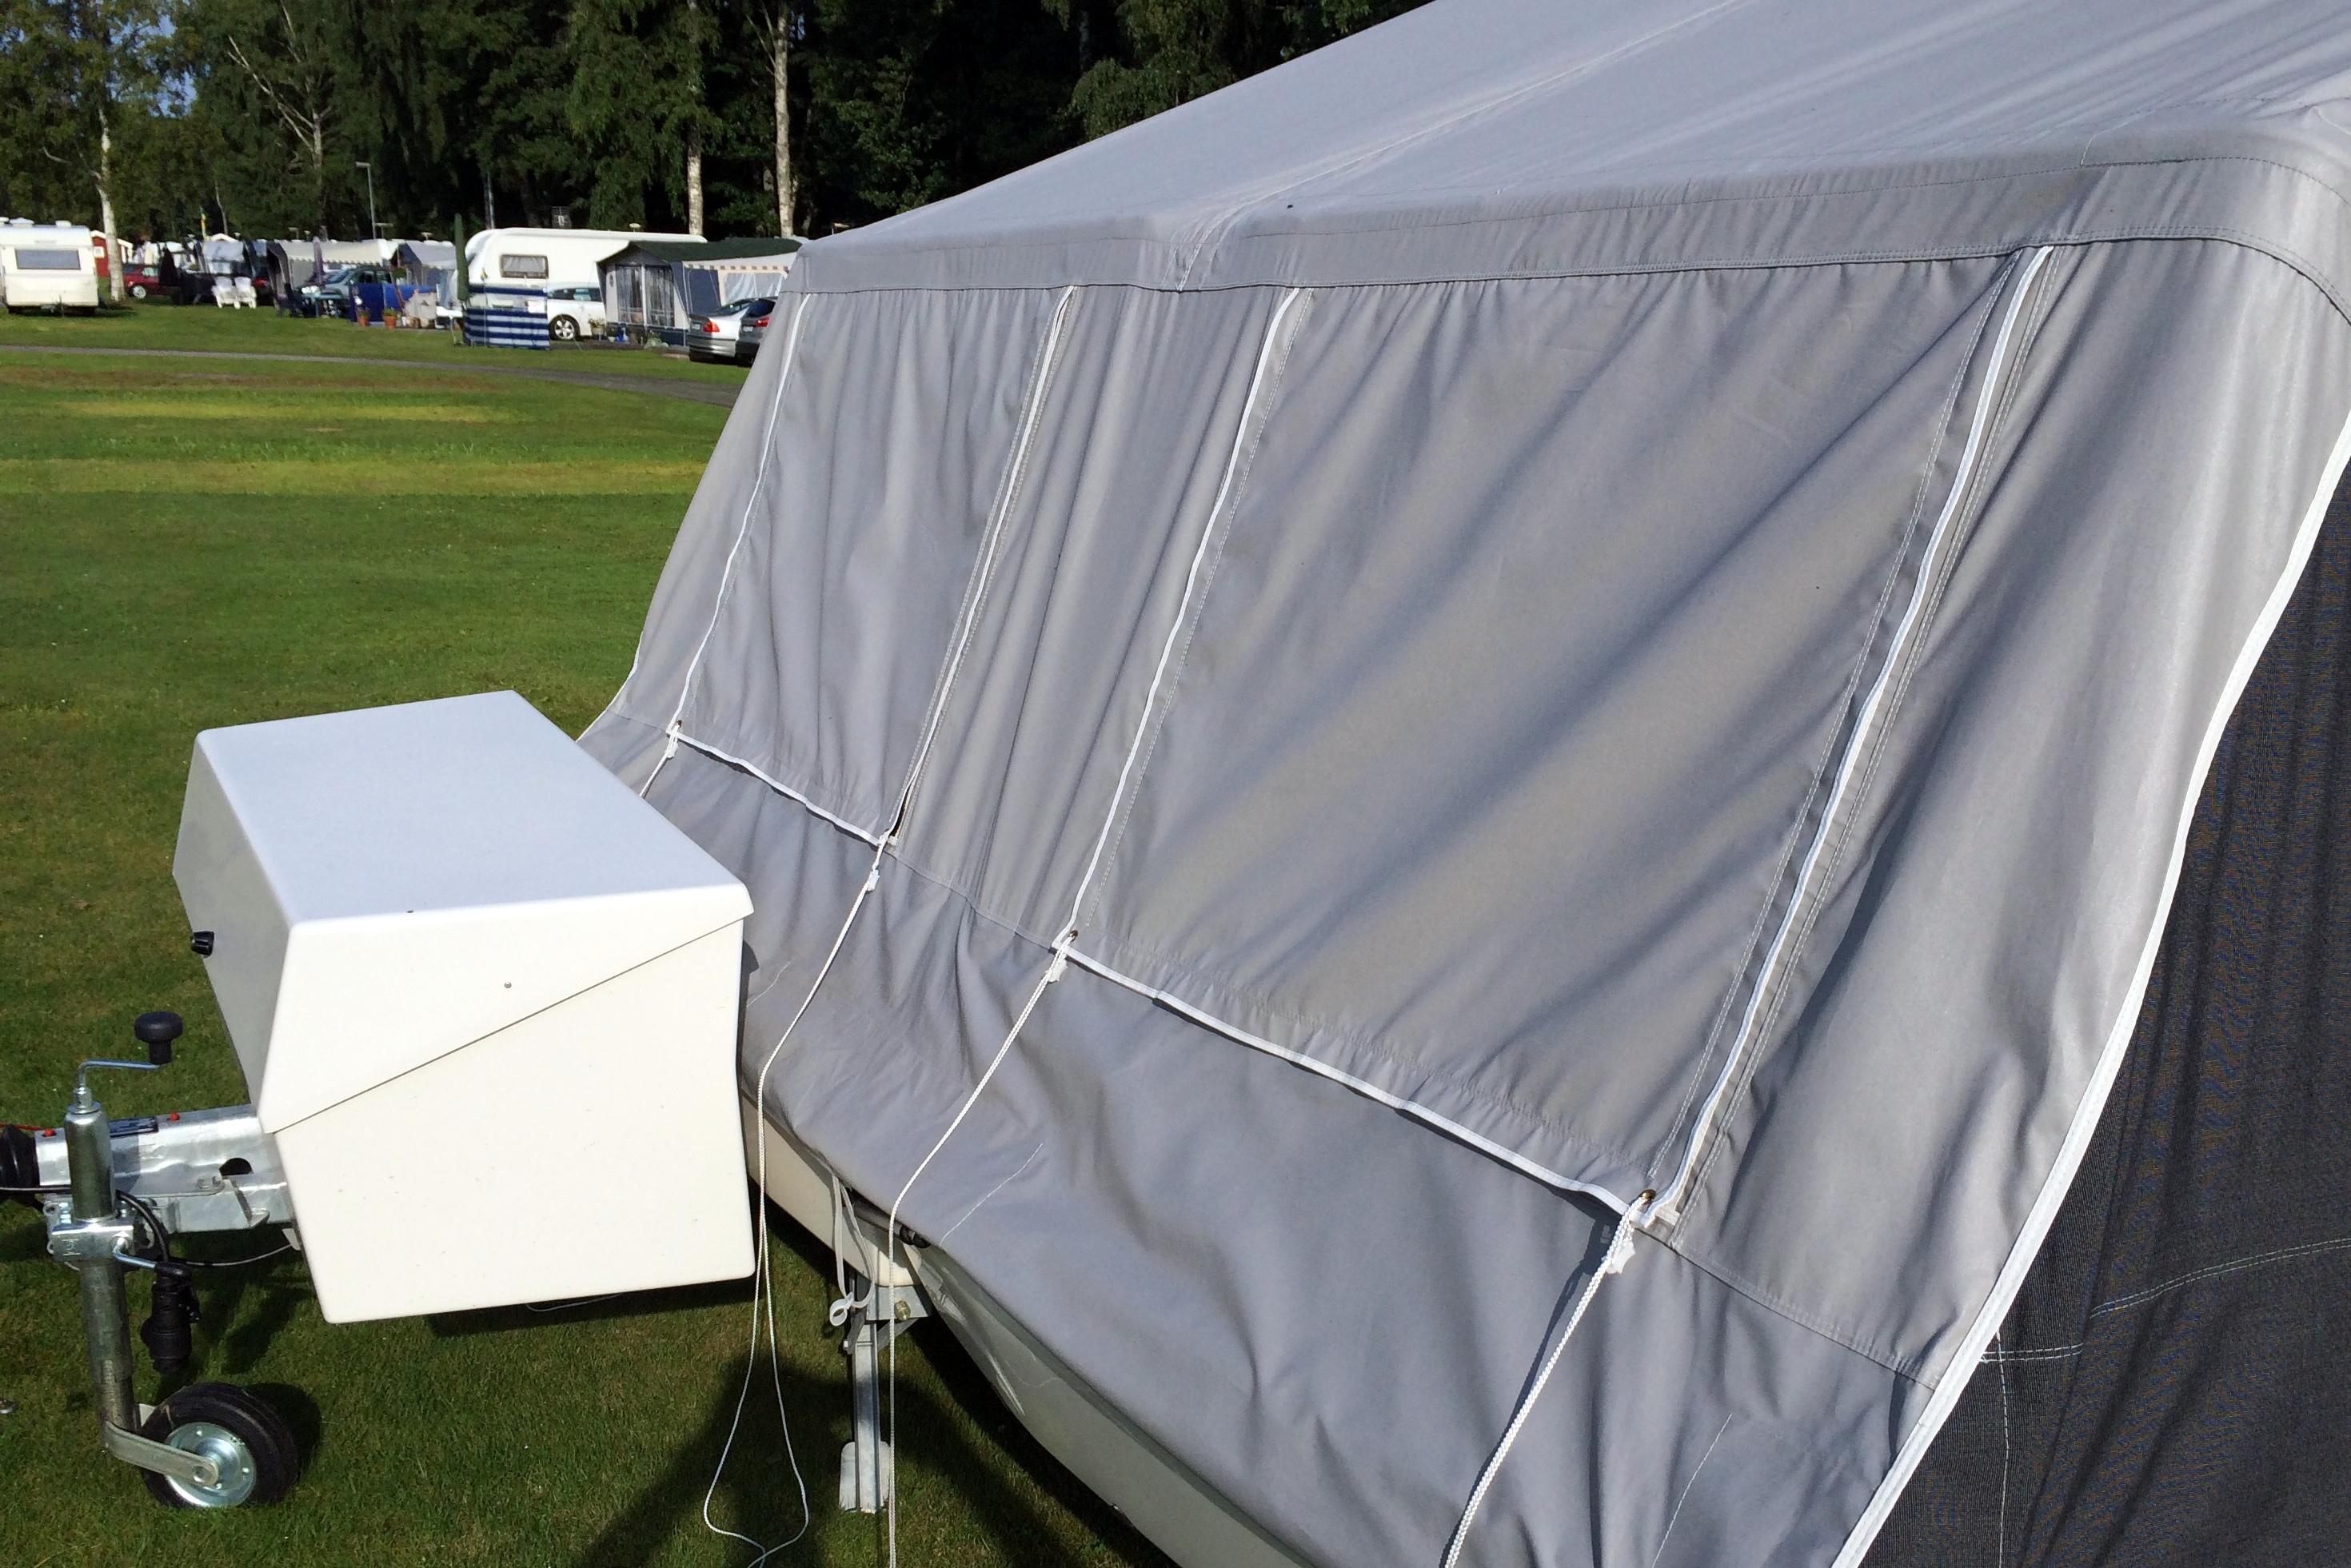 Camp-let Tipps